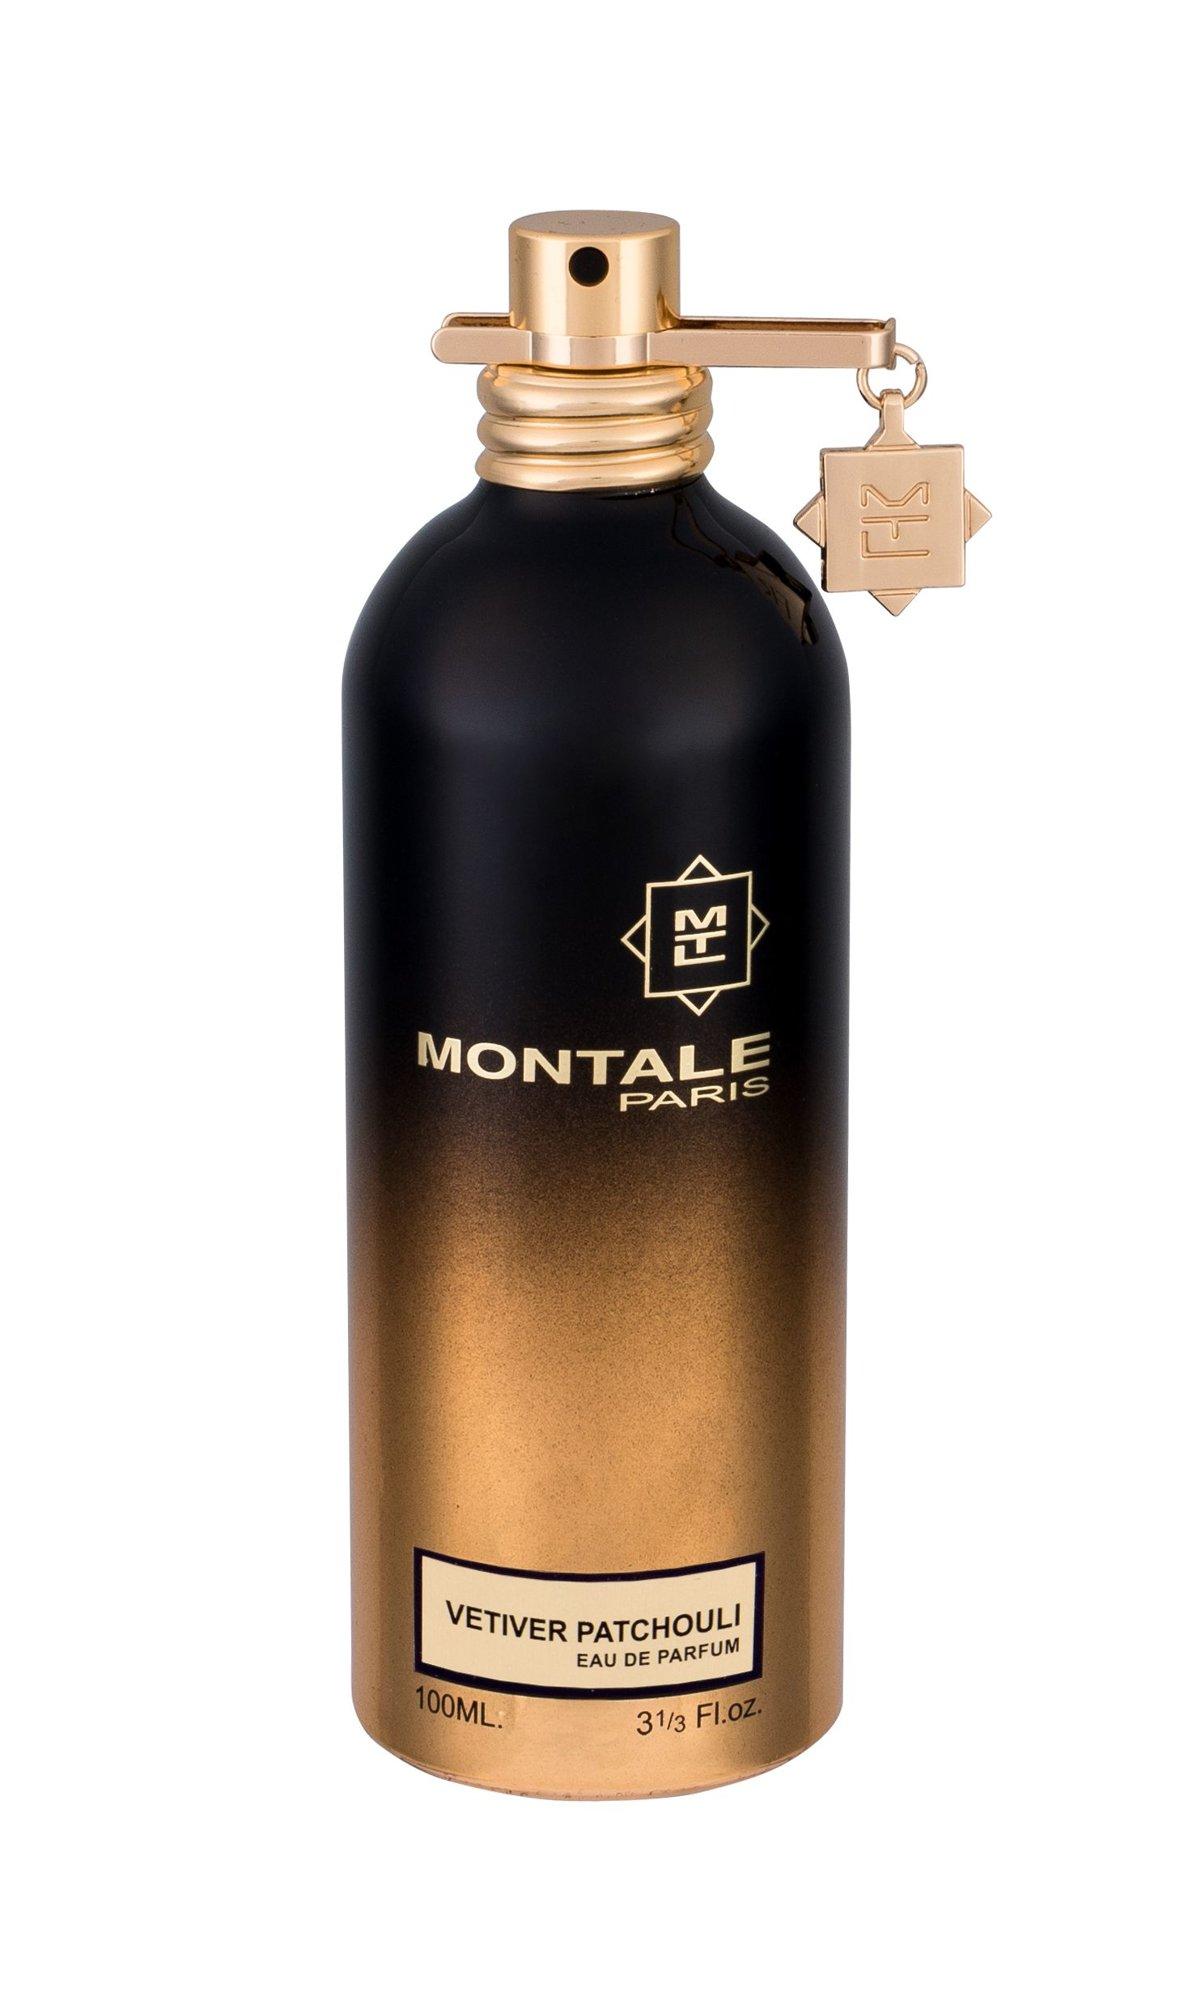 Montale Paris Vetiver Patchouli Eau de Parfum 100ml